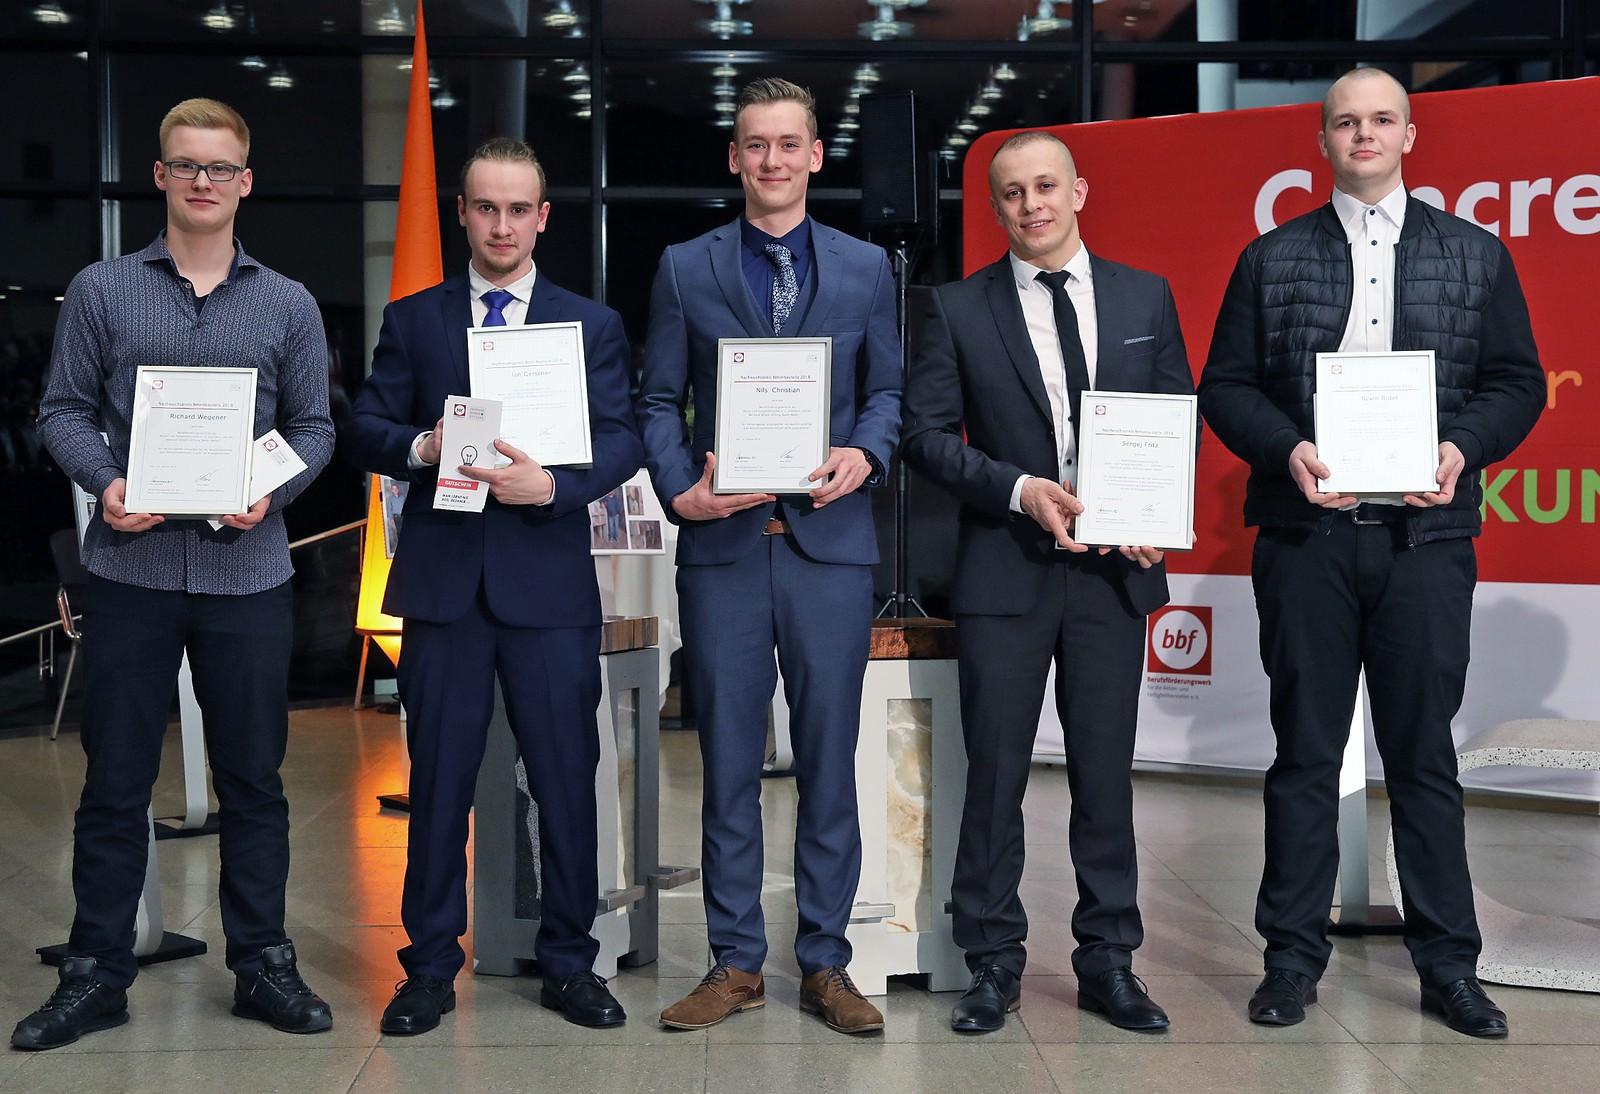 v. l .n .r. : Richard Wegener, Ian Gerstner, Nils Christian, Sergej Fritz und Kevin Ridel wurden für ihre hervorragenden Leistungen bei der Abschlussprüfung mit dem Nachwuchspreis Betonbauteile 2018 ausgezeichnet.